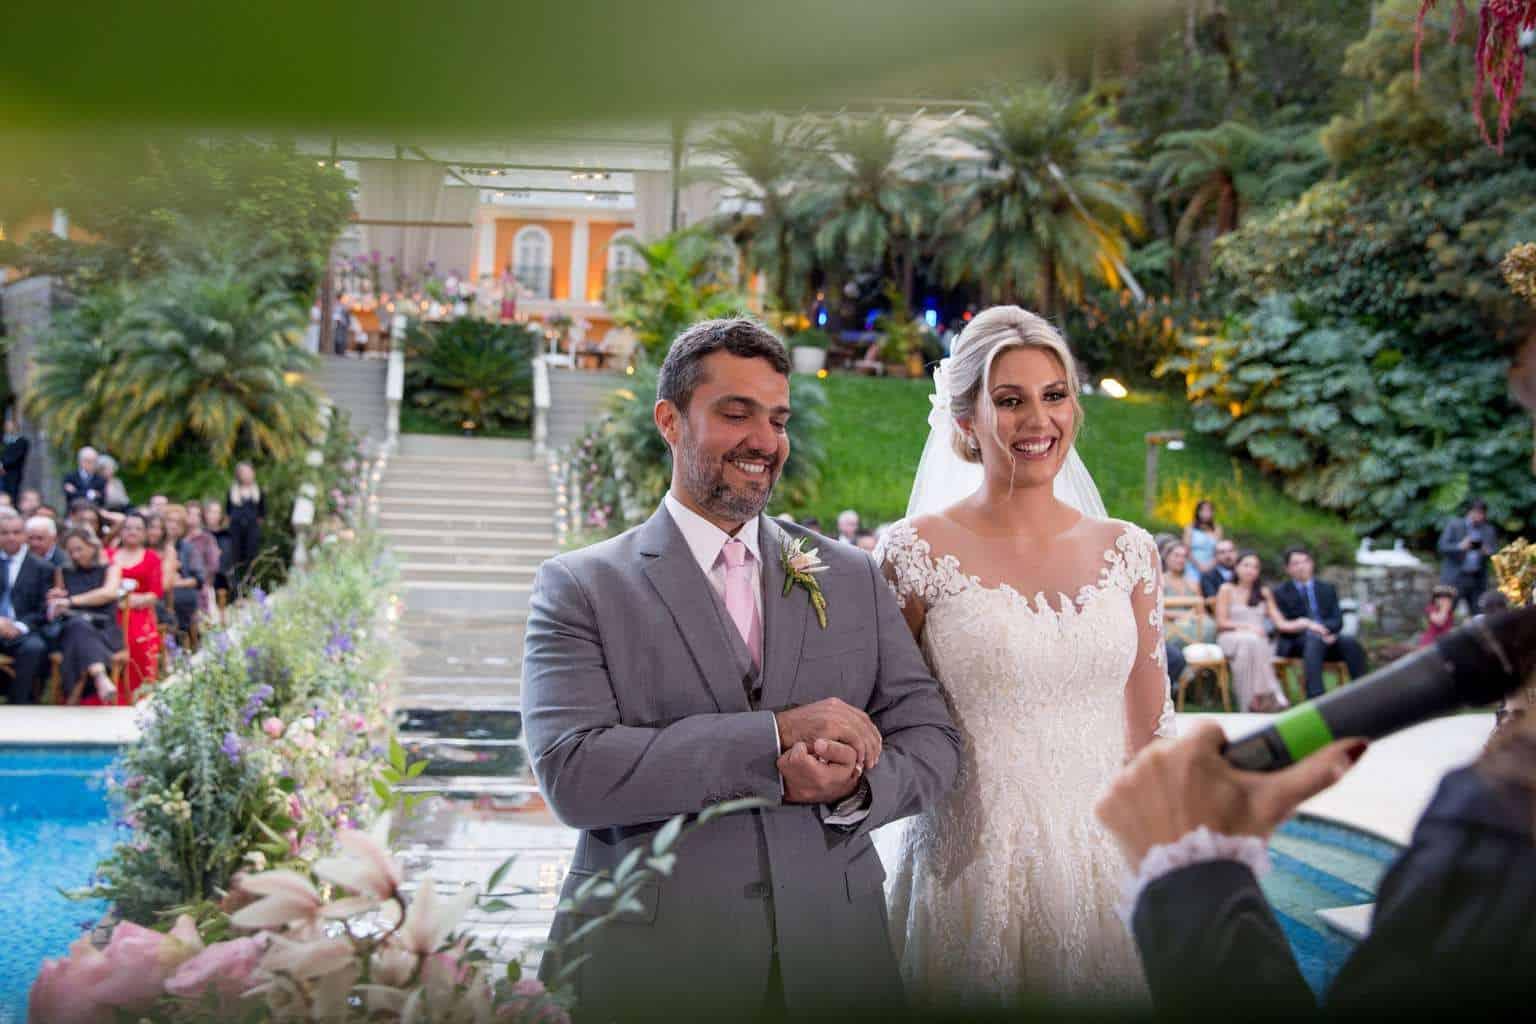 Andrea-Kapps-casamento-de-dia-casamento-na-serra-casamento-romântico-casamento-tradicional-Locanda-de-La-Mimosa-rosa-e-lilás-casamento-22